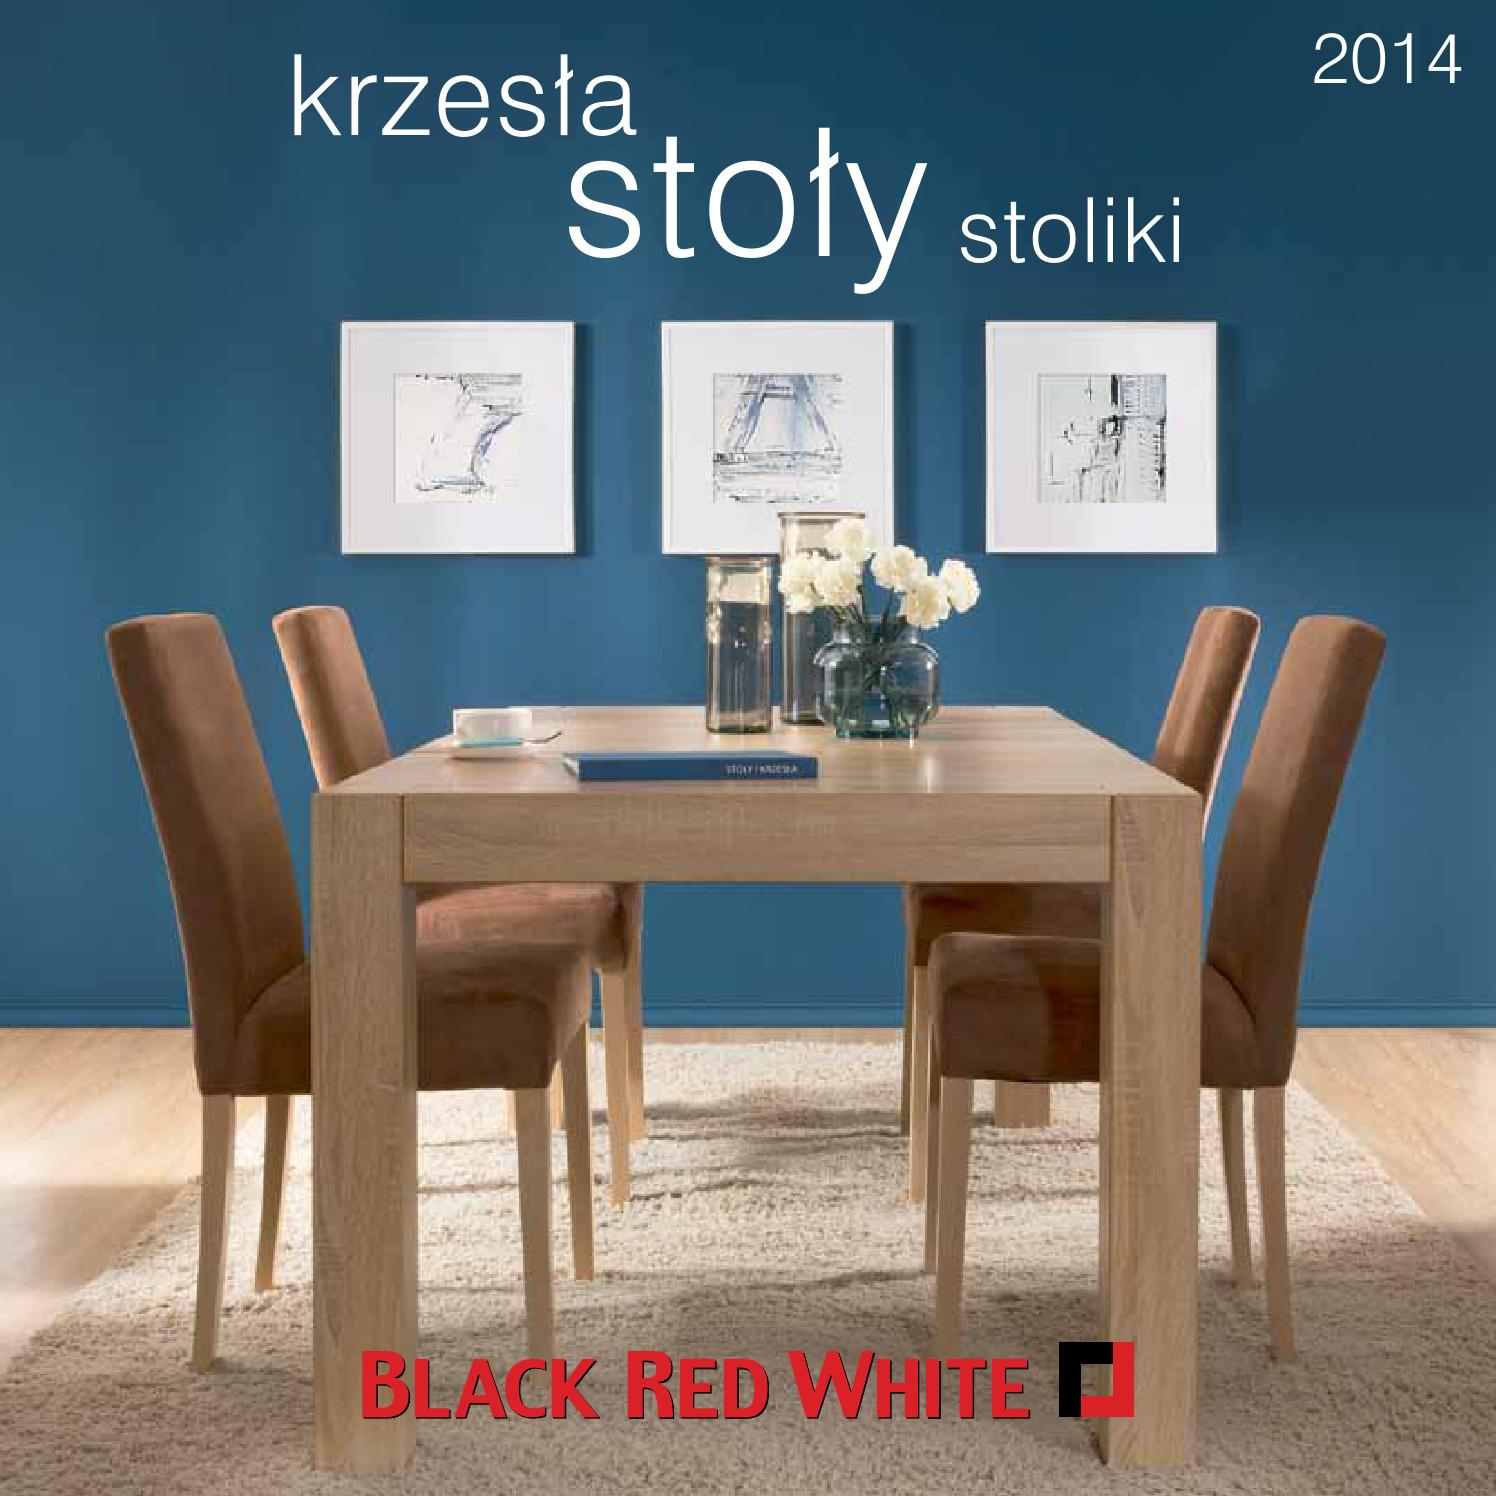 Brw Krzesla Stoly Stoliki 2014 By Polské Letáky Issuu